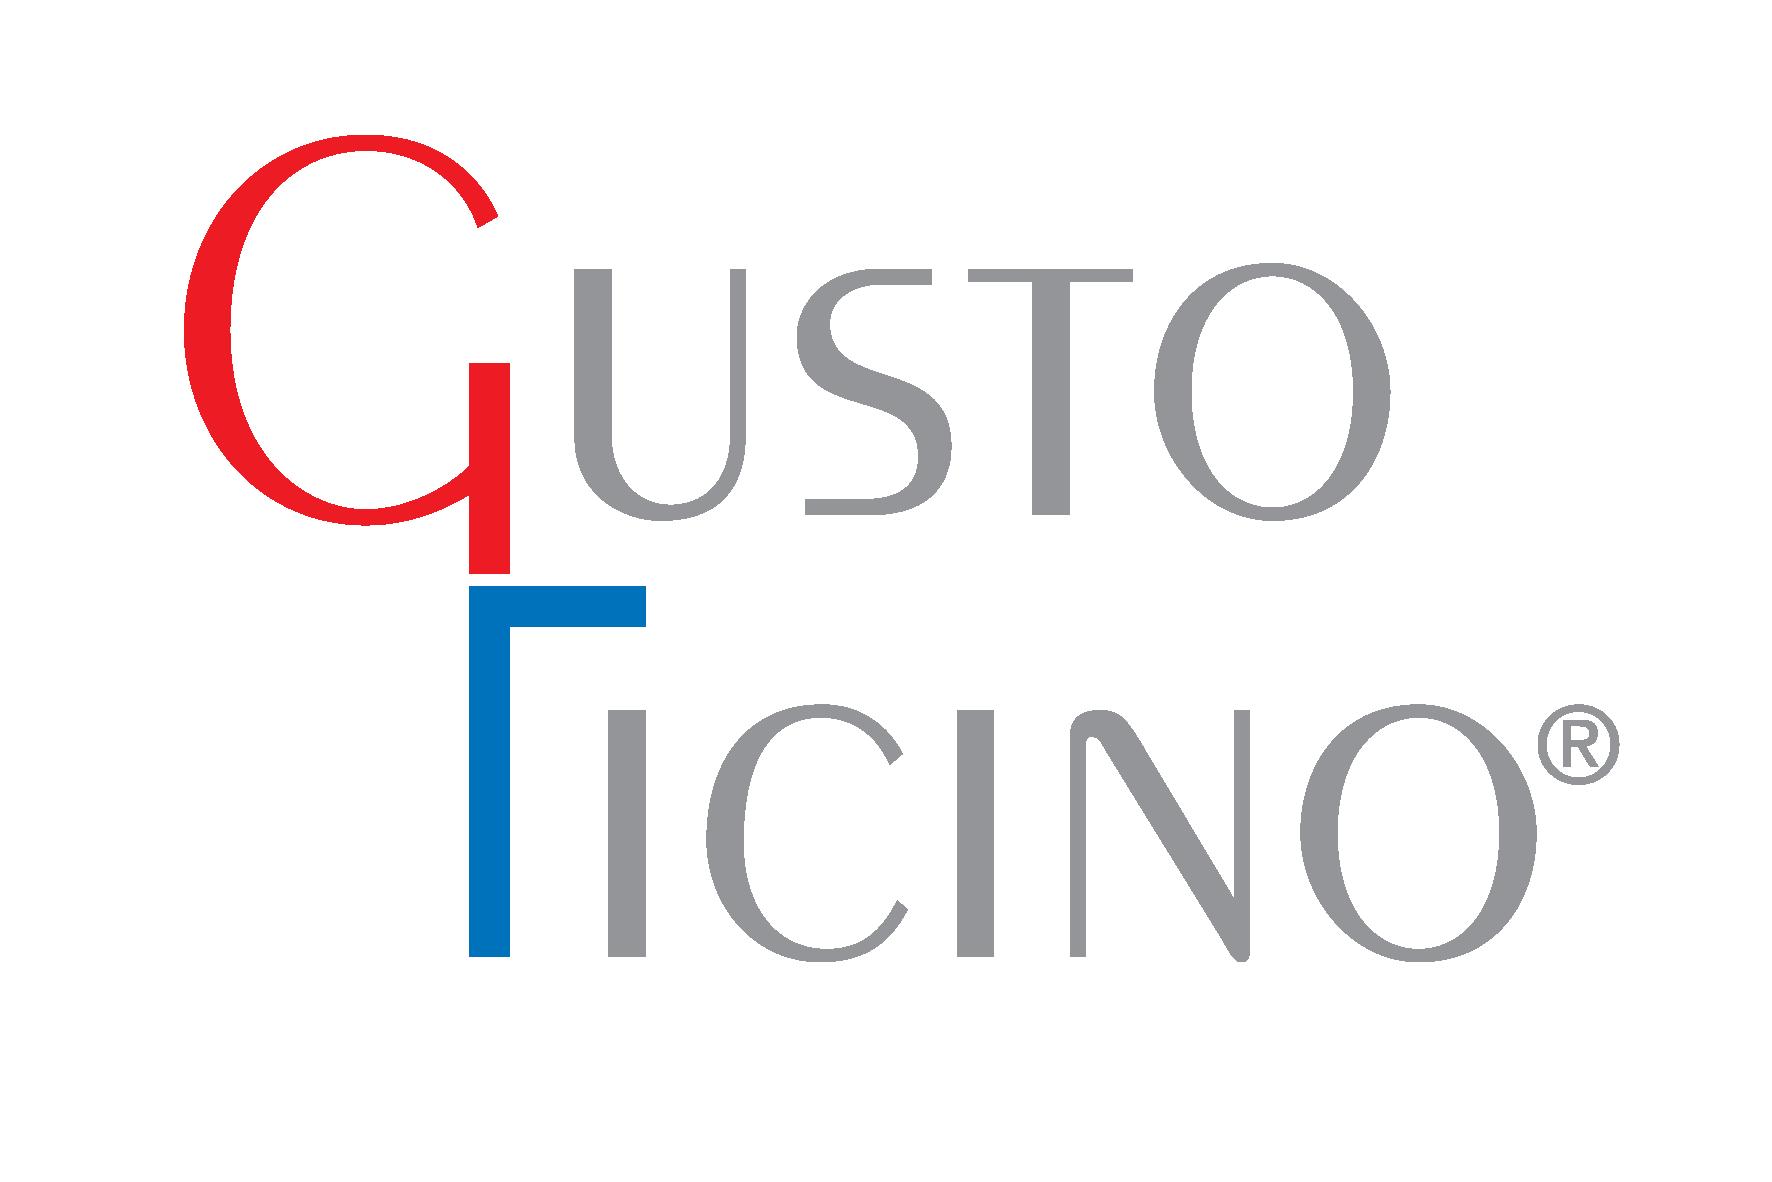 Gusto Ticino